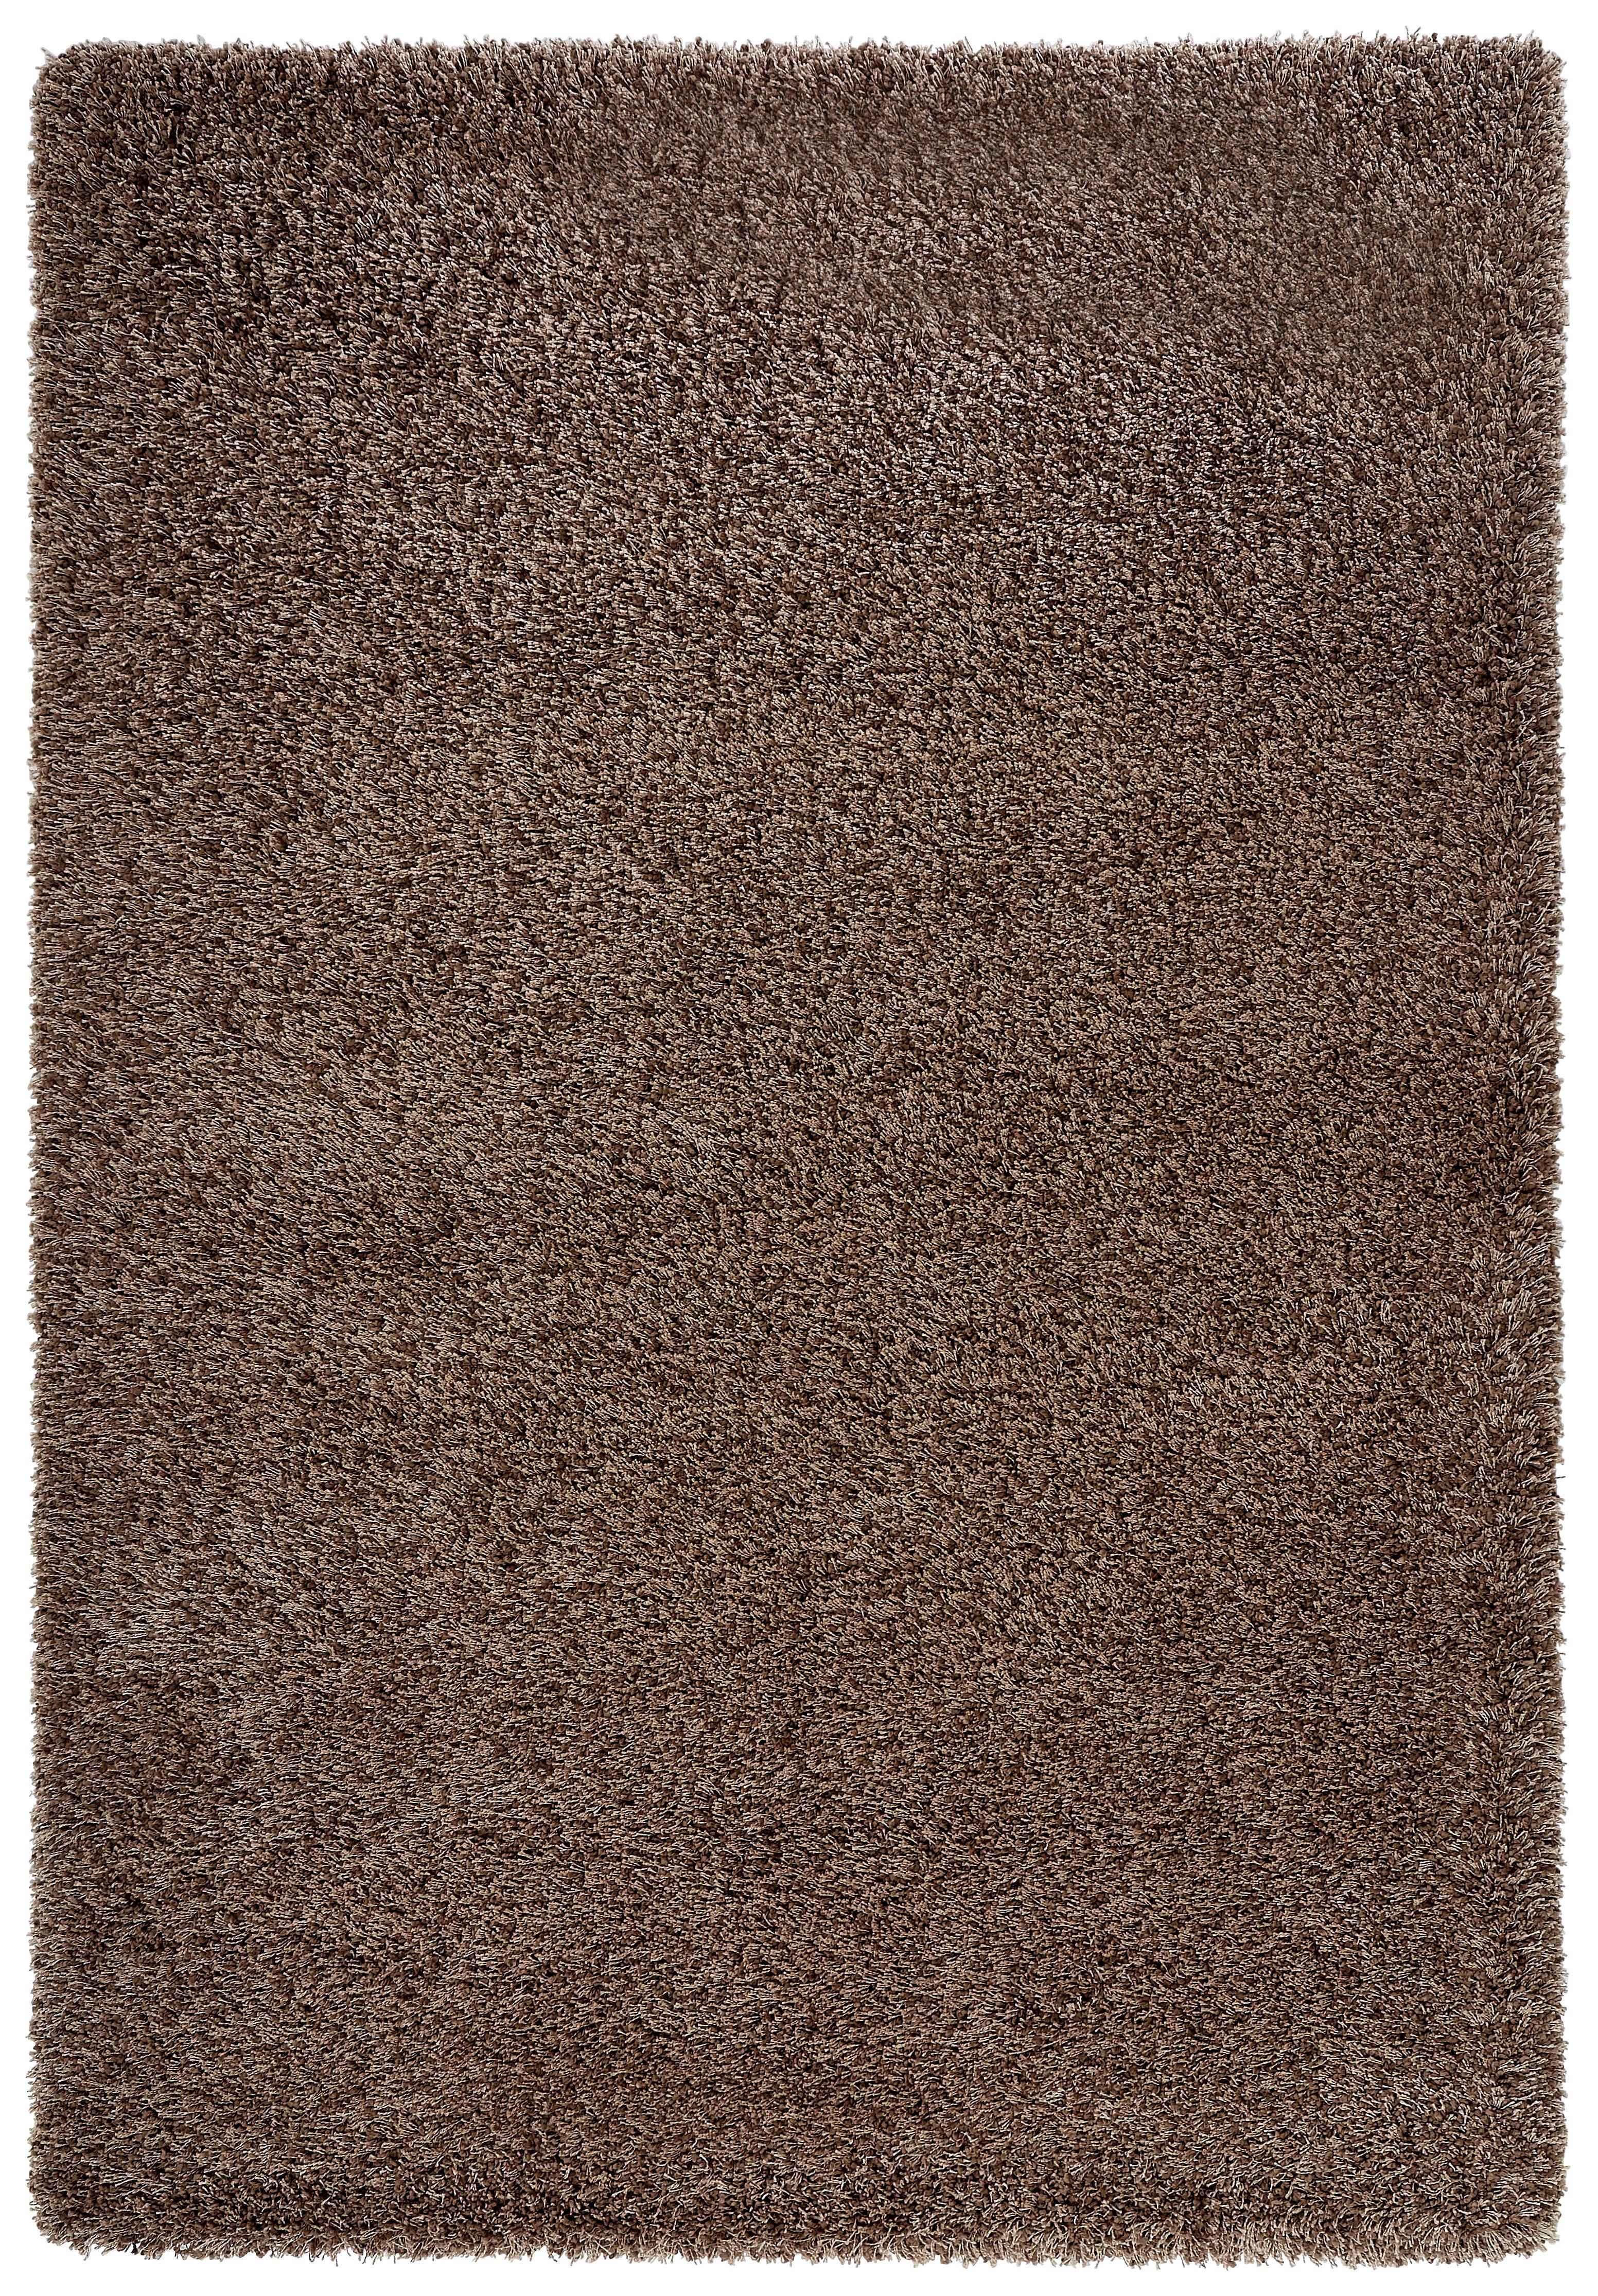 HOCHFLORTEPPICH  gewebt  Taupe  160/230 cm - Taupe, Textil (160/230cm) - NOVEL